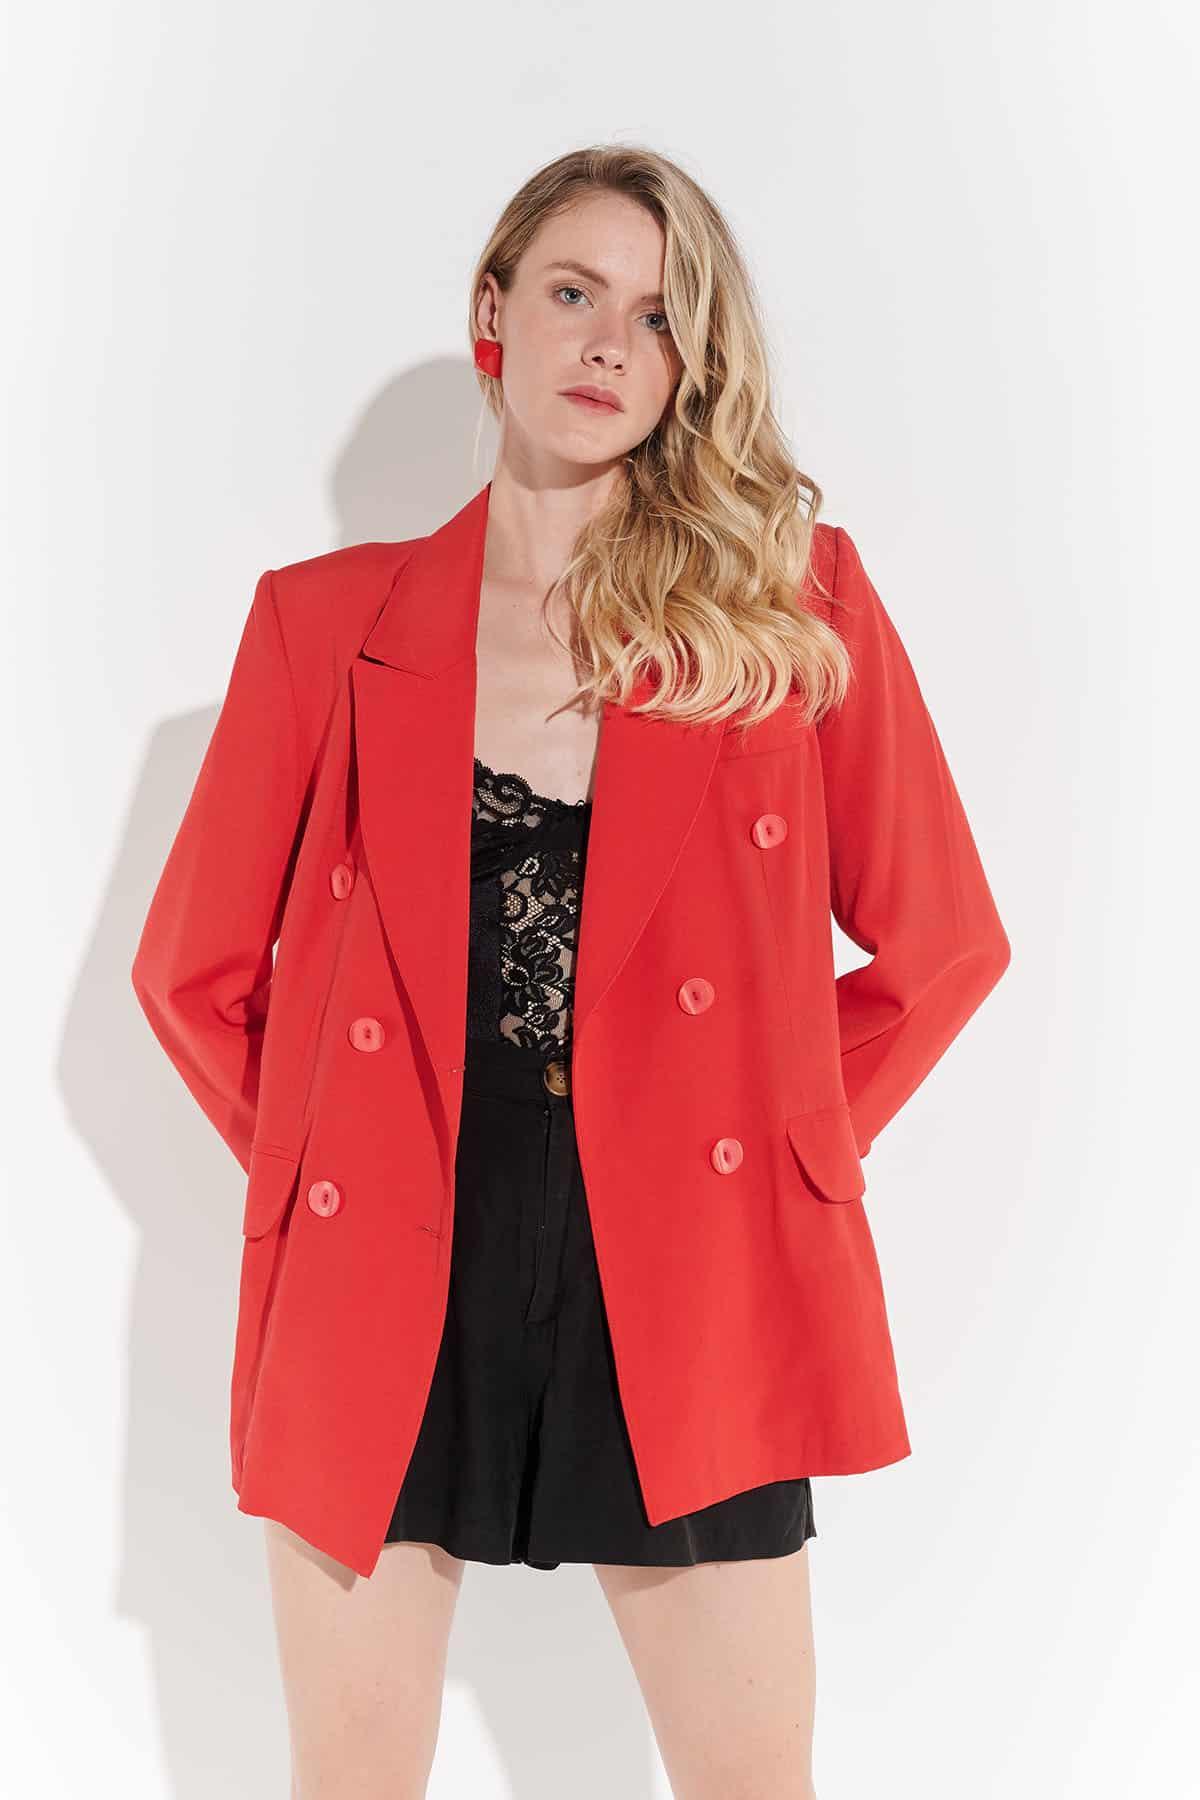 Vintage elbise, retro giyim, 90'lar maskülen kırmızı gabardin geniş yaka vintage ceket